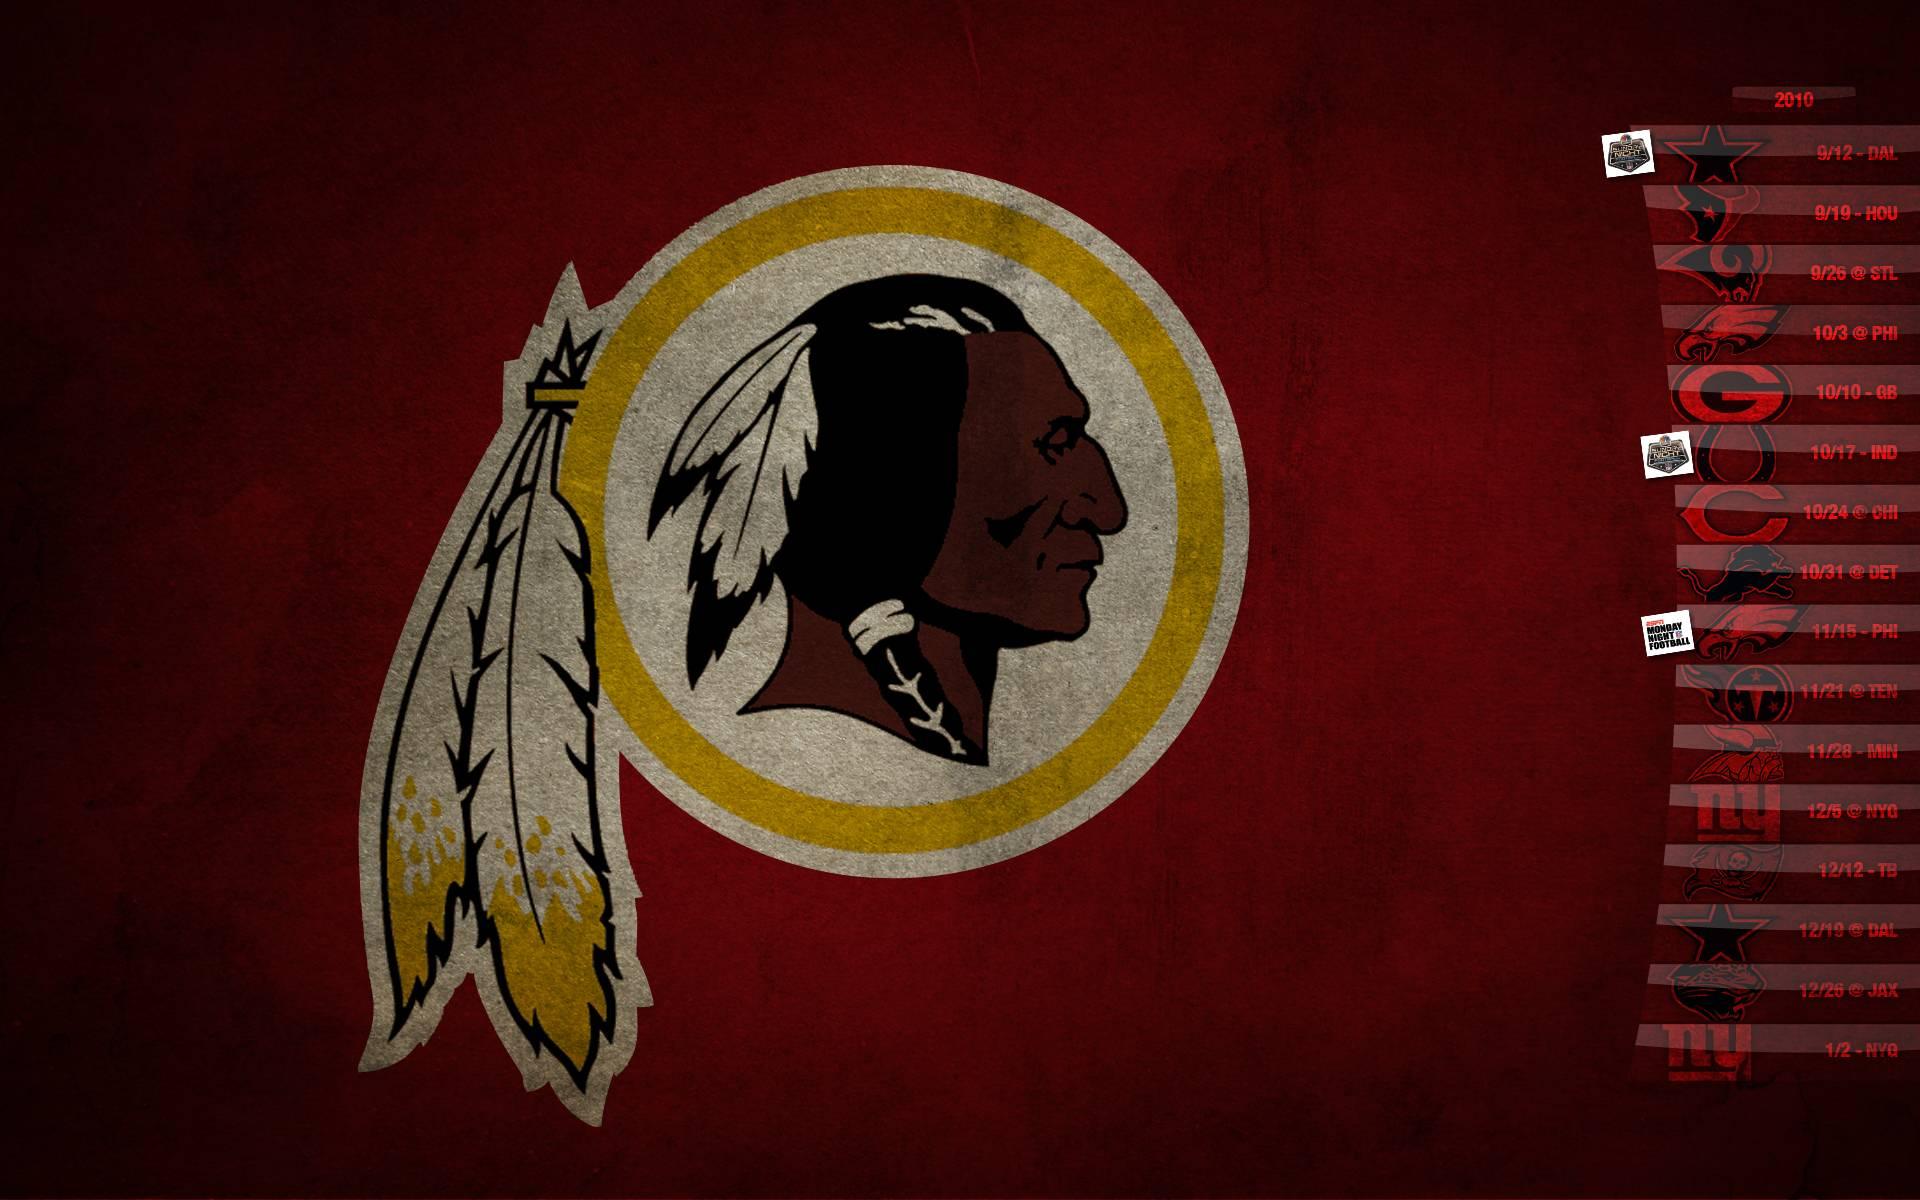 Washington Redskins Wallpapers 1920x1200